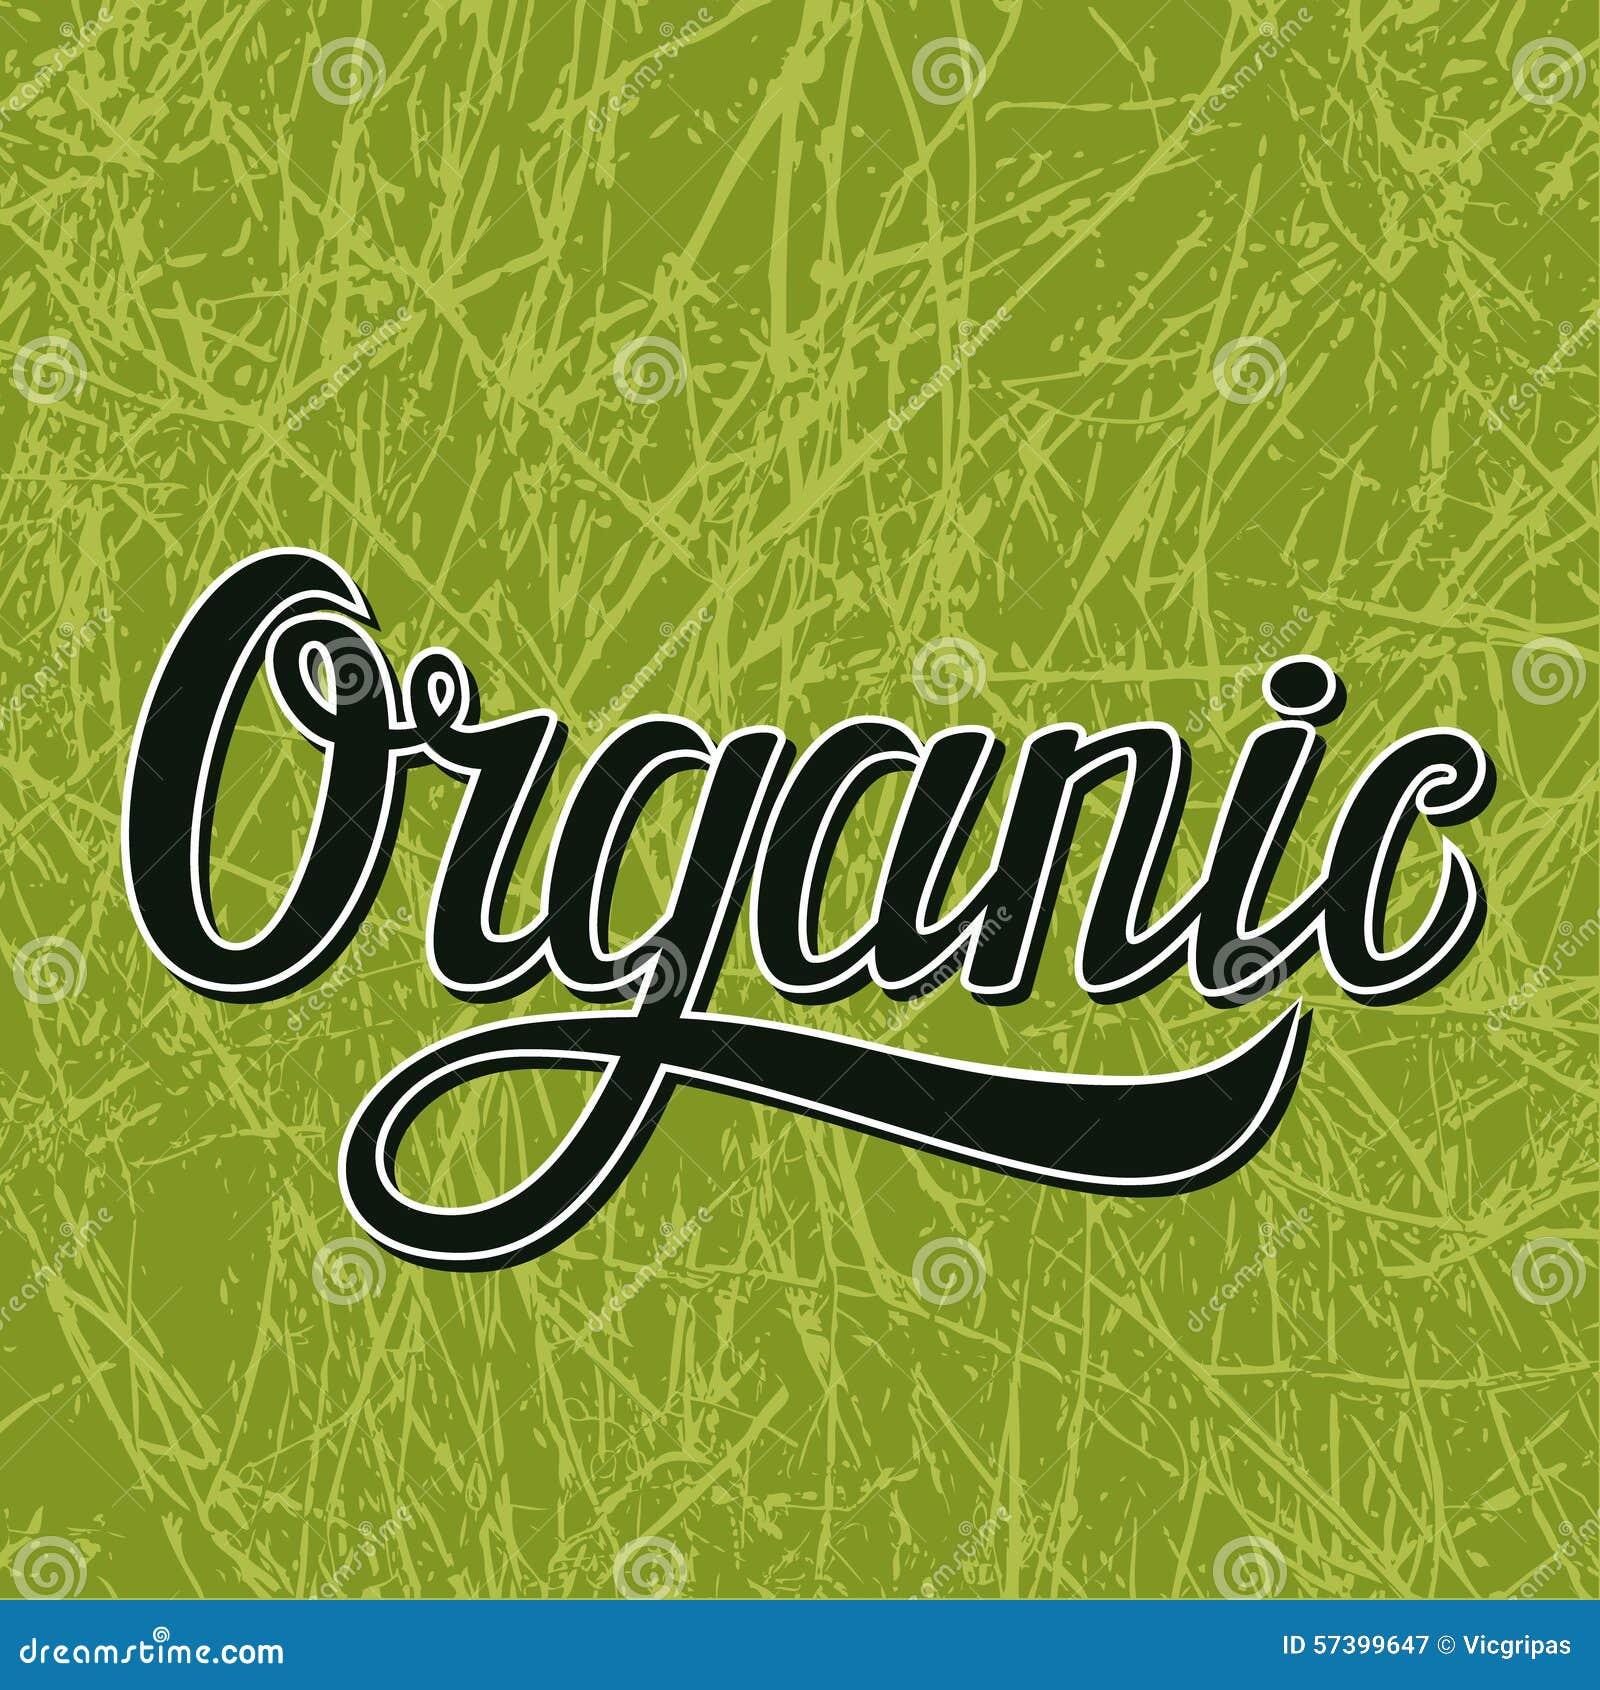 Organische typografieillustratie op groen